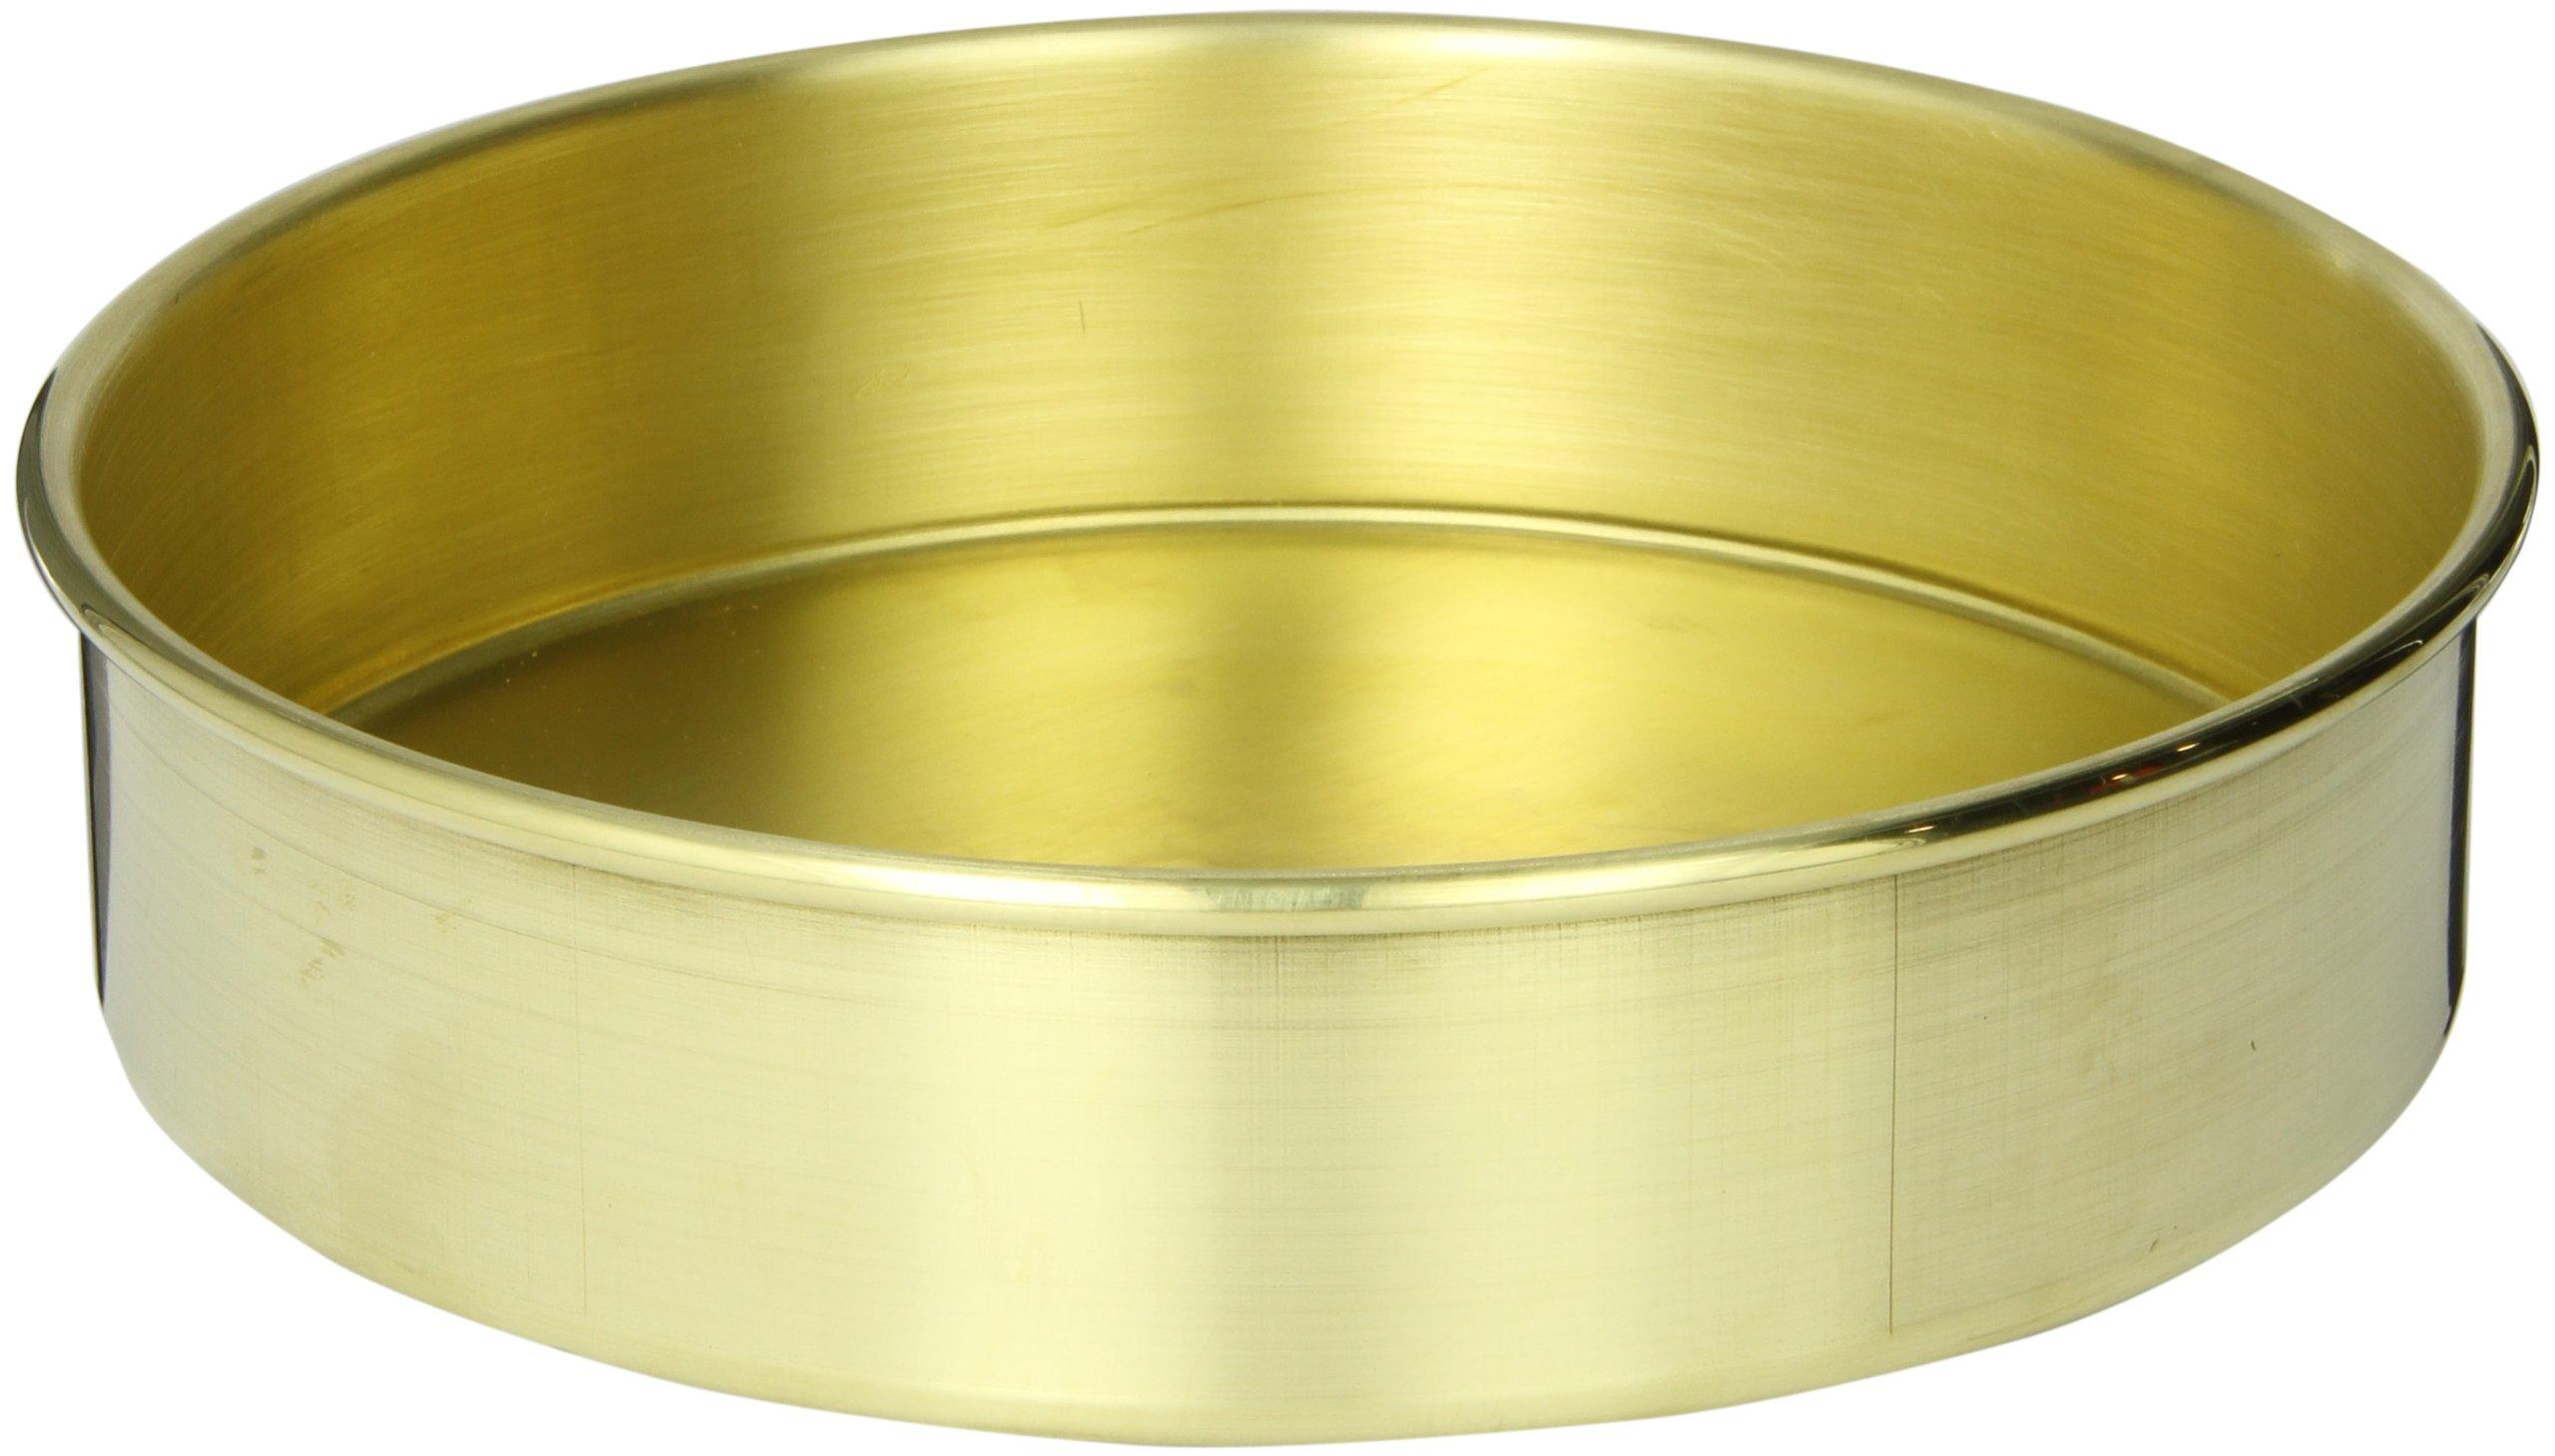 Advantech PB8F Brass Sieve Pan, Full Height, 8'' Diameter by Advantech